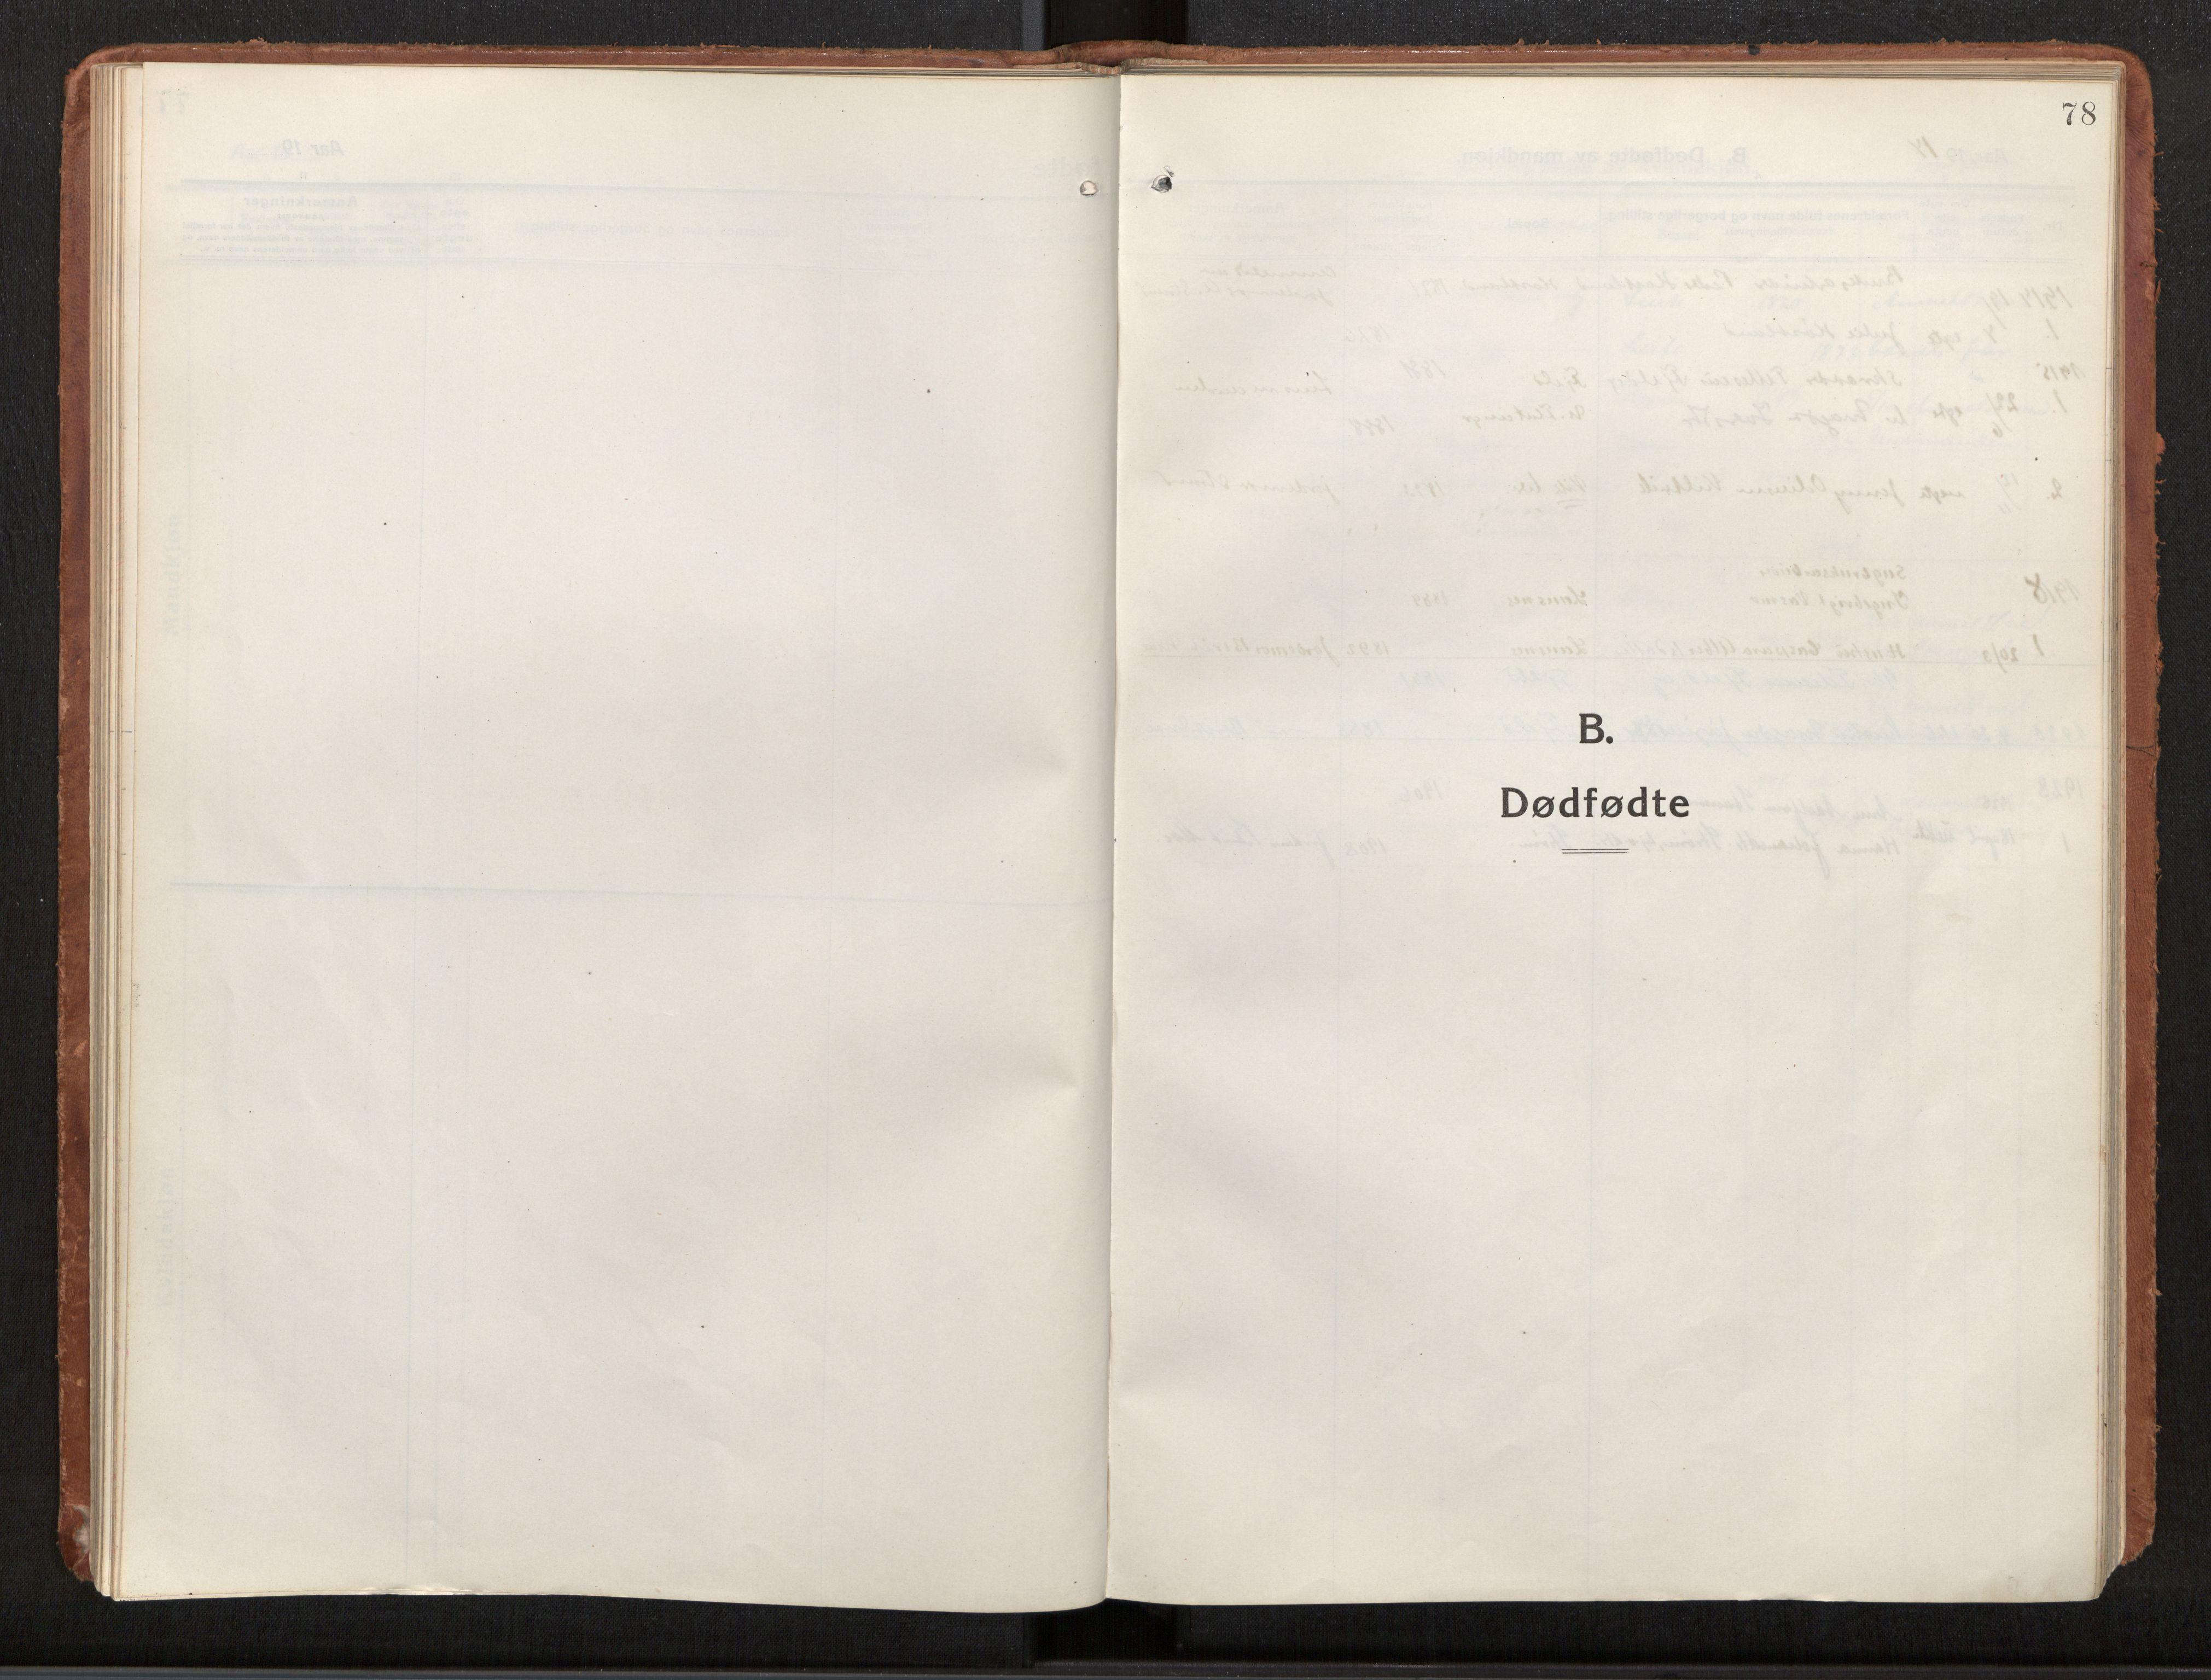 SAT, Ministerialprotokoller, klokkerbøker og fødselsregistre - Nord-Trøndelag, 772/L0604: Ministerialbok nr. 772A02, 1913-1937, s. 78